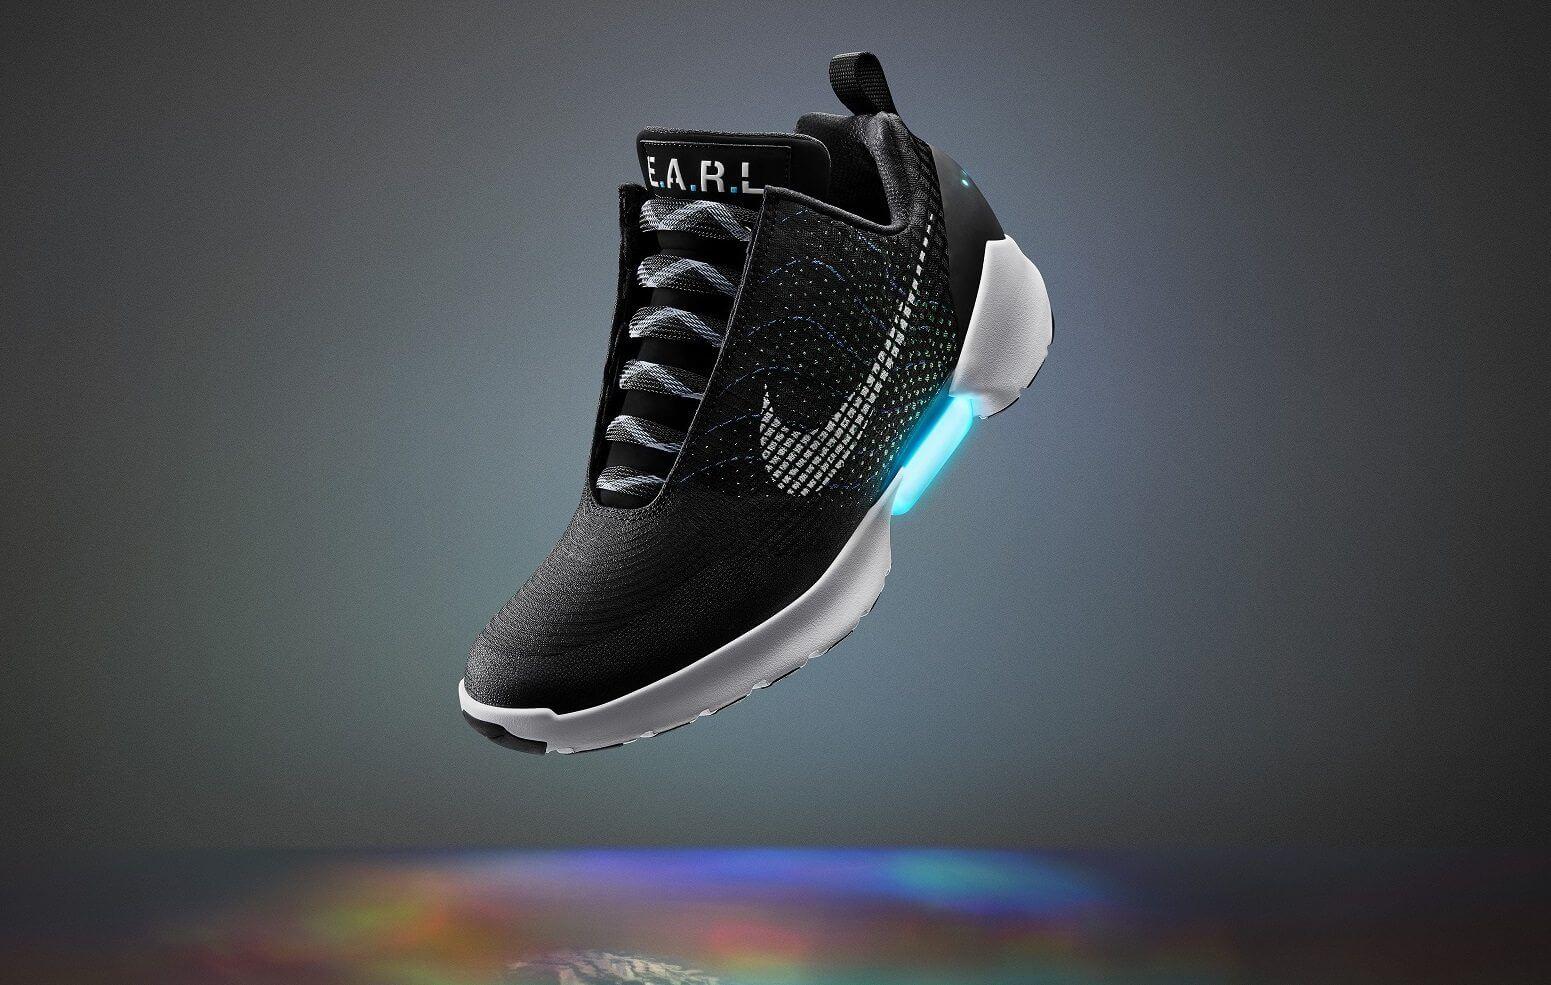 HYPERADAPT NIKE 3 - Nike HyperAdapt 1.0, o tênis que se amarra sozinho, chegará ao Brasil ainda este mês